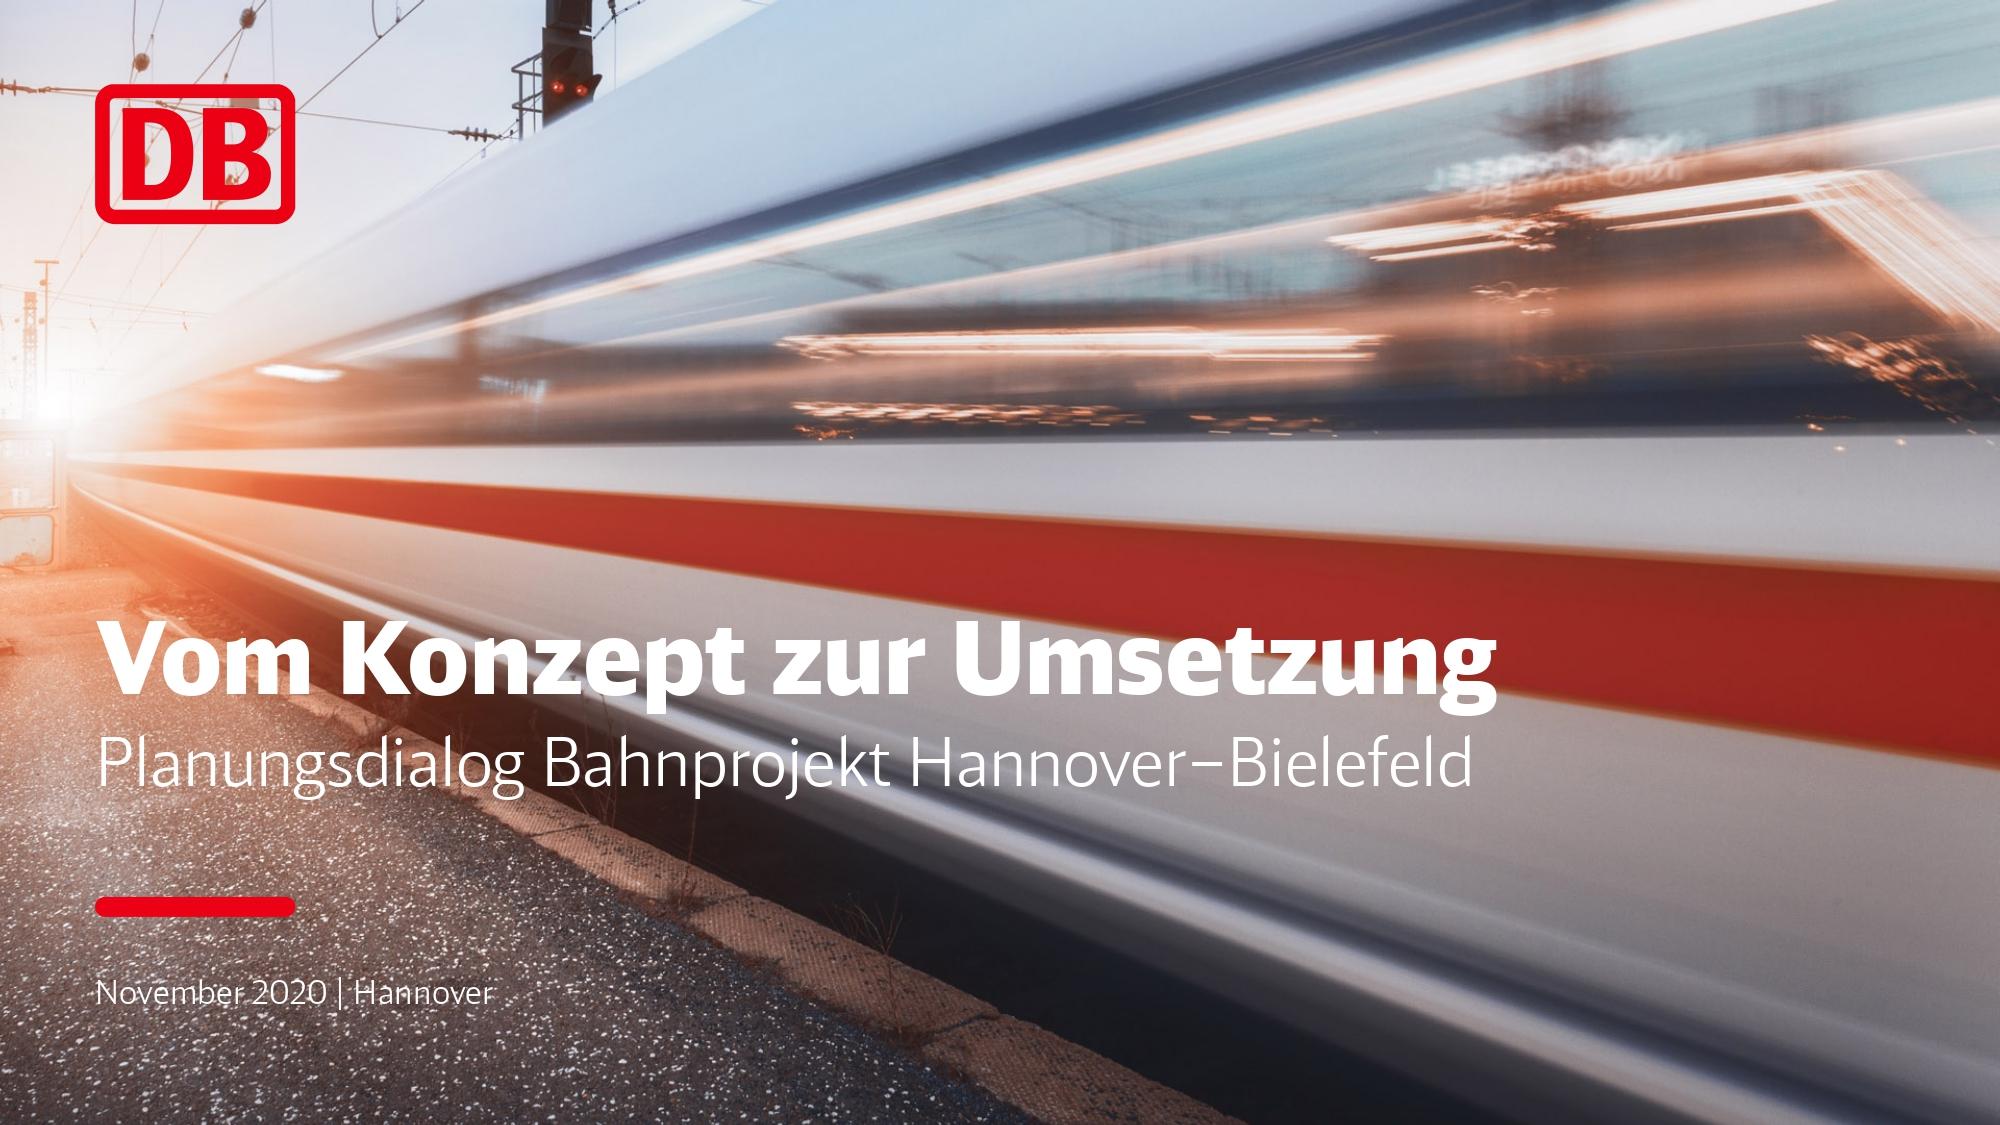 DB, Vorgespräch - 18.12.2020